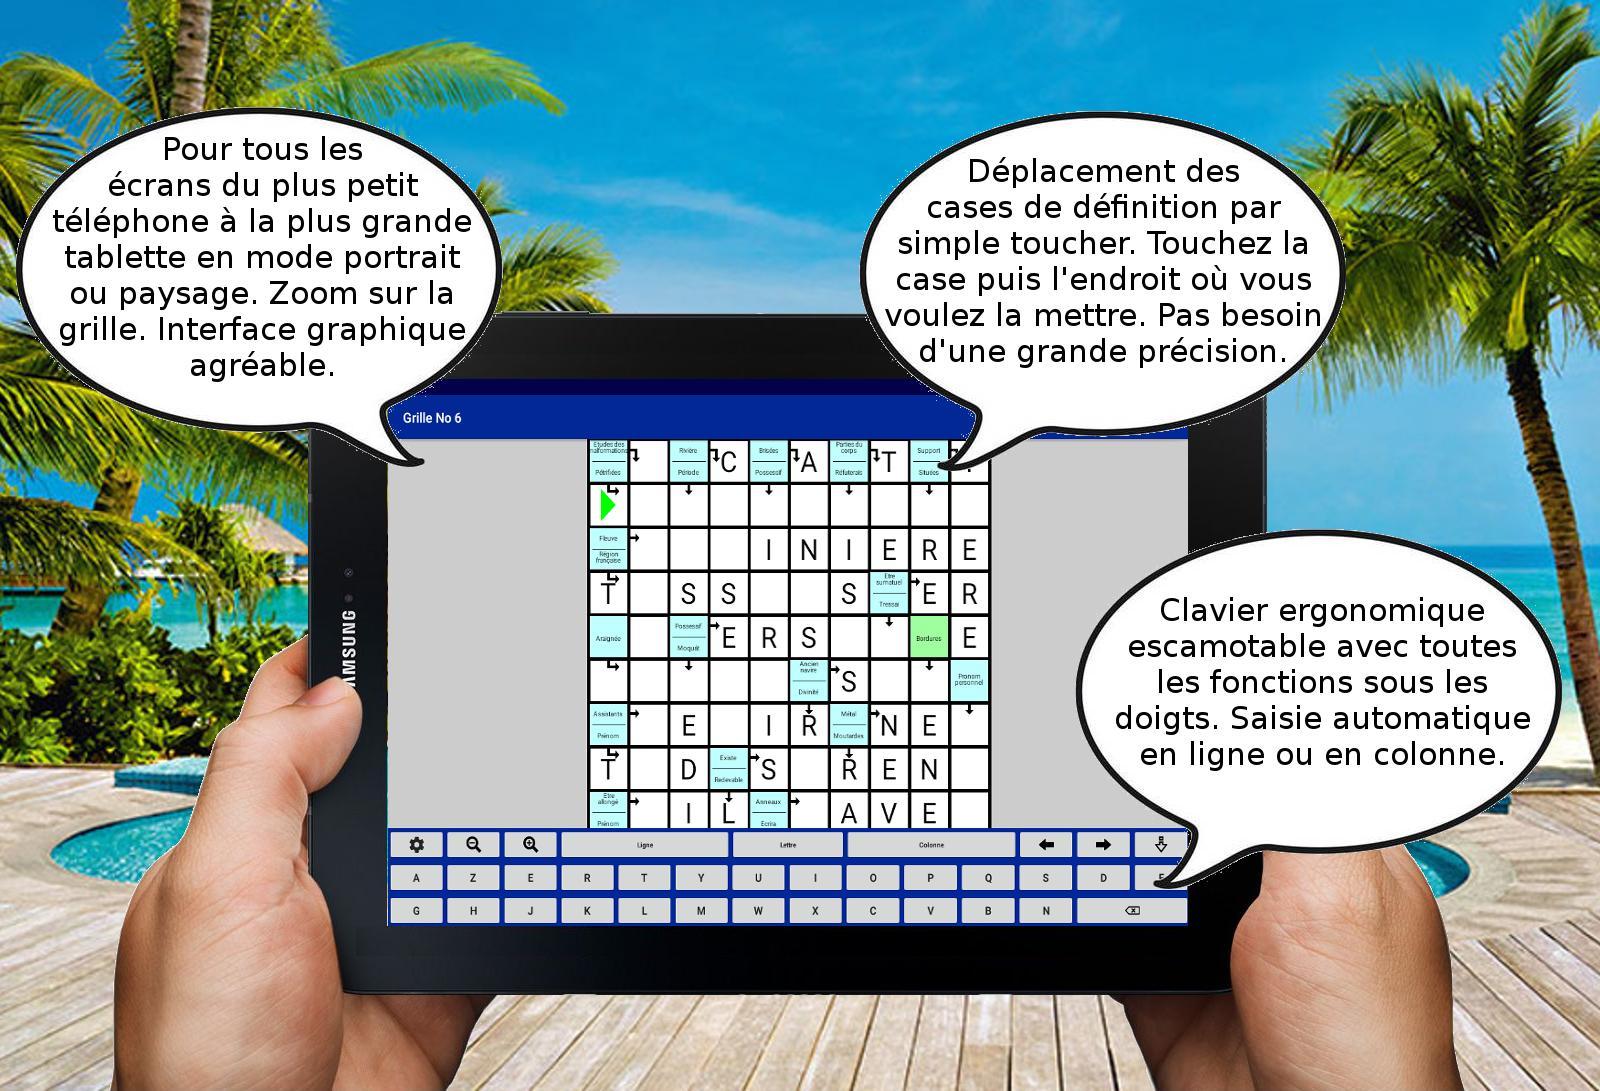 Mots Fléchés Mélangés For Android - Apk Download concernant Définition Des Mots Fléchés